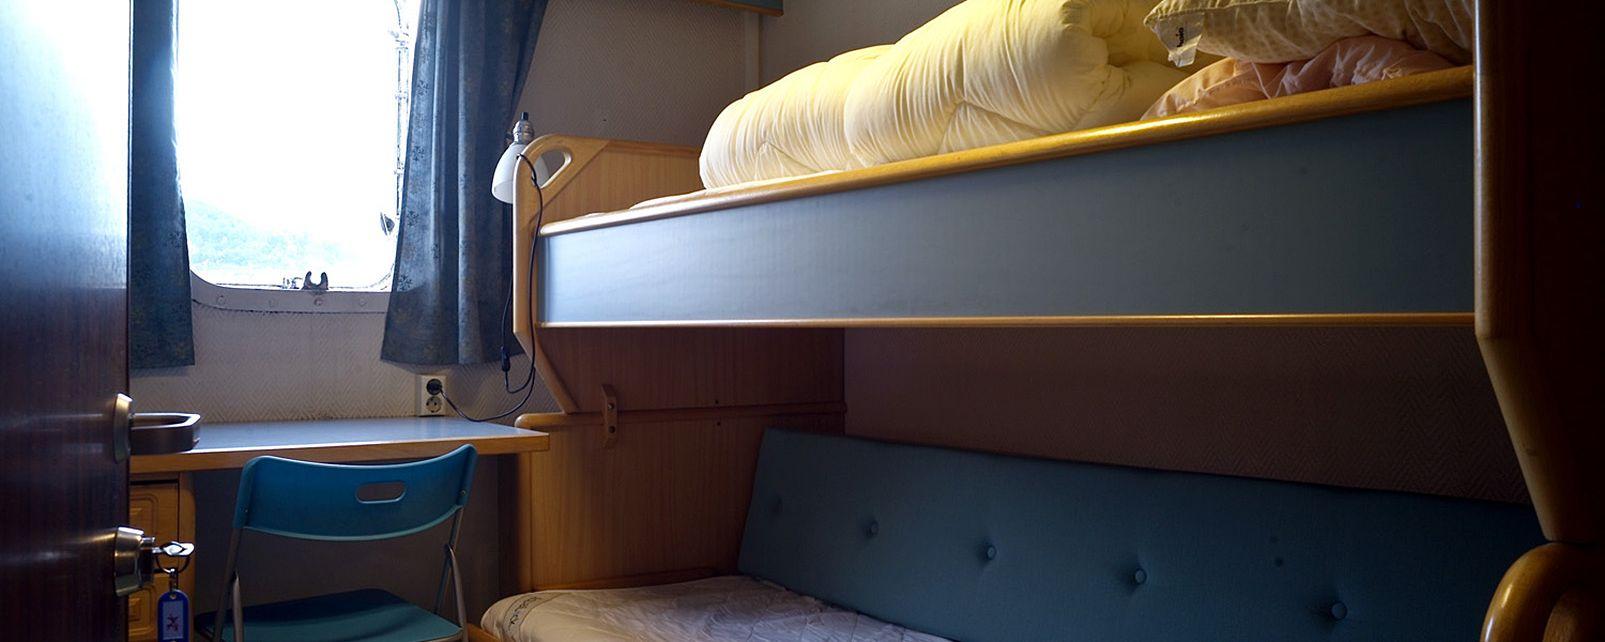 Hôtel MS Innvik